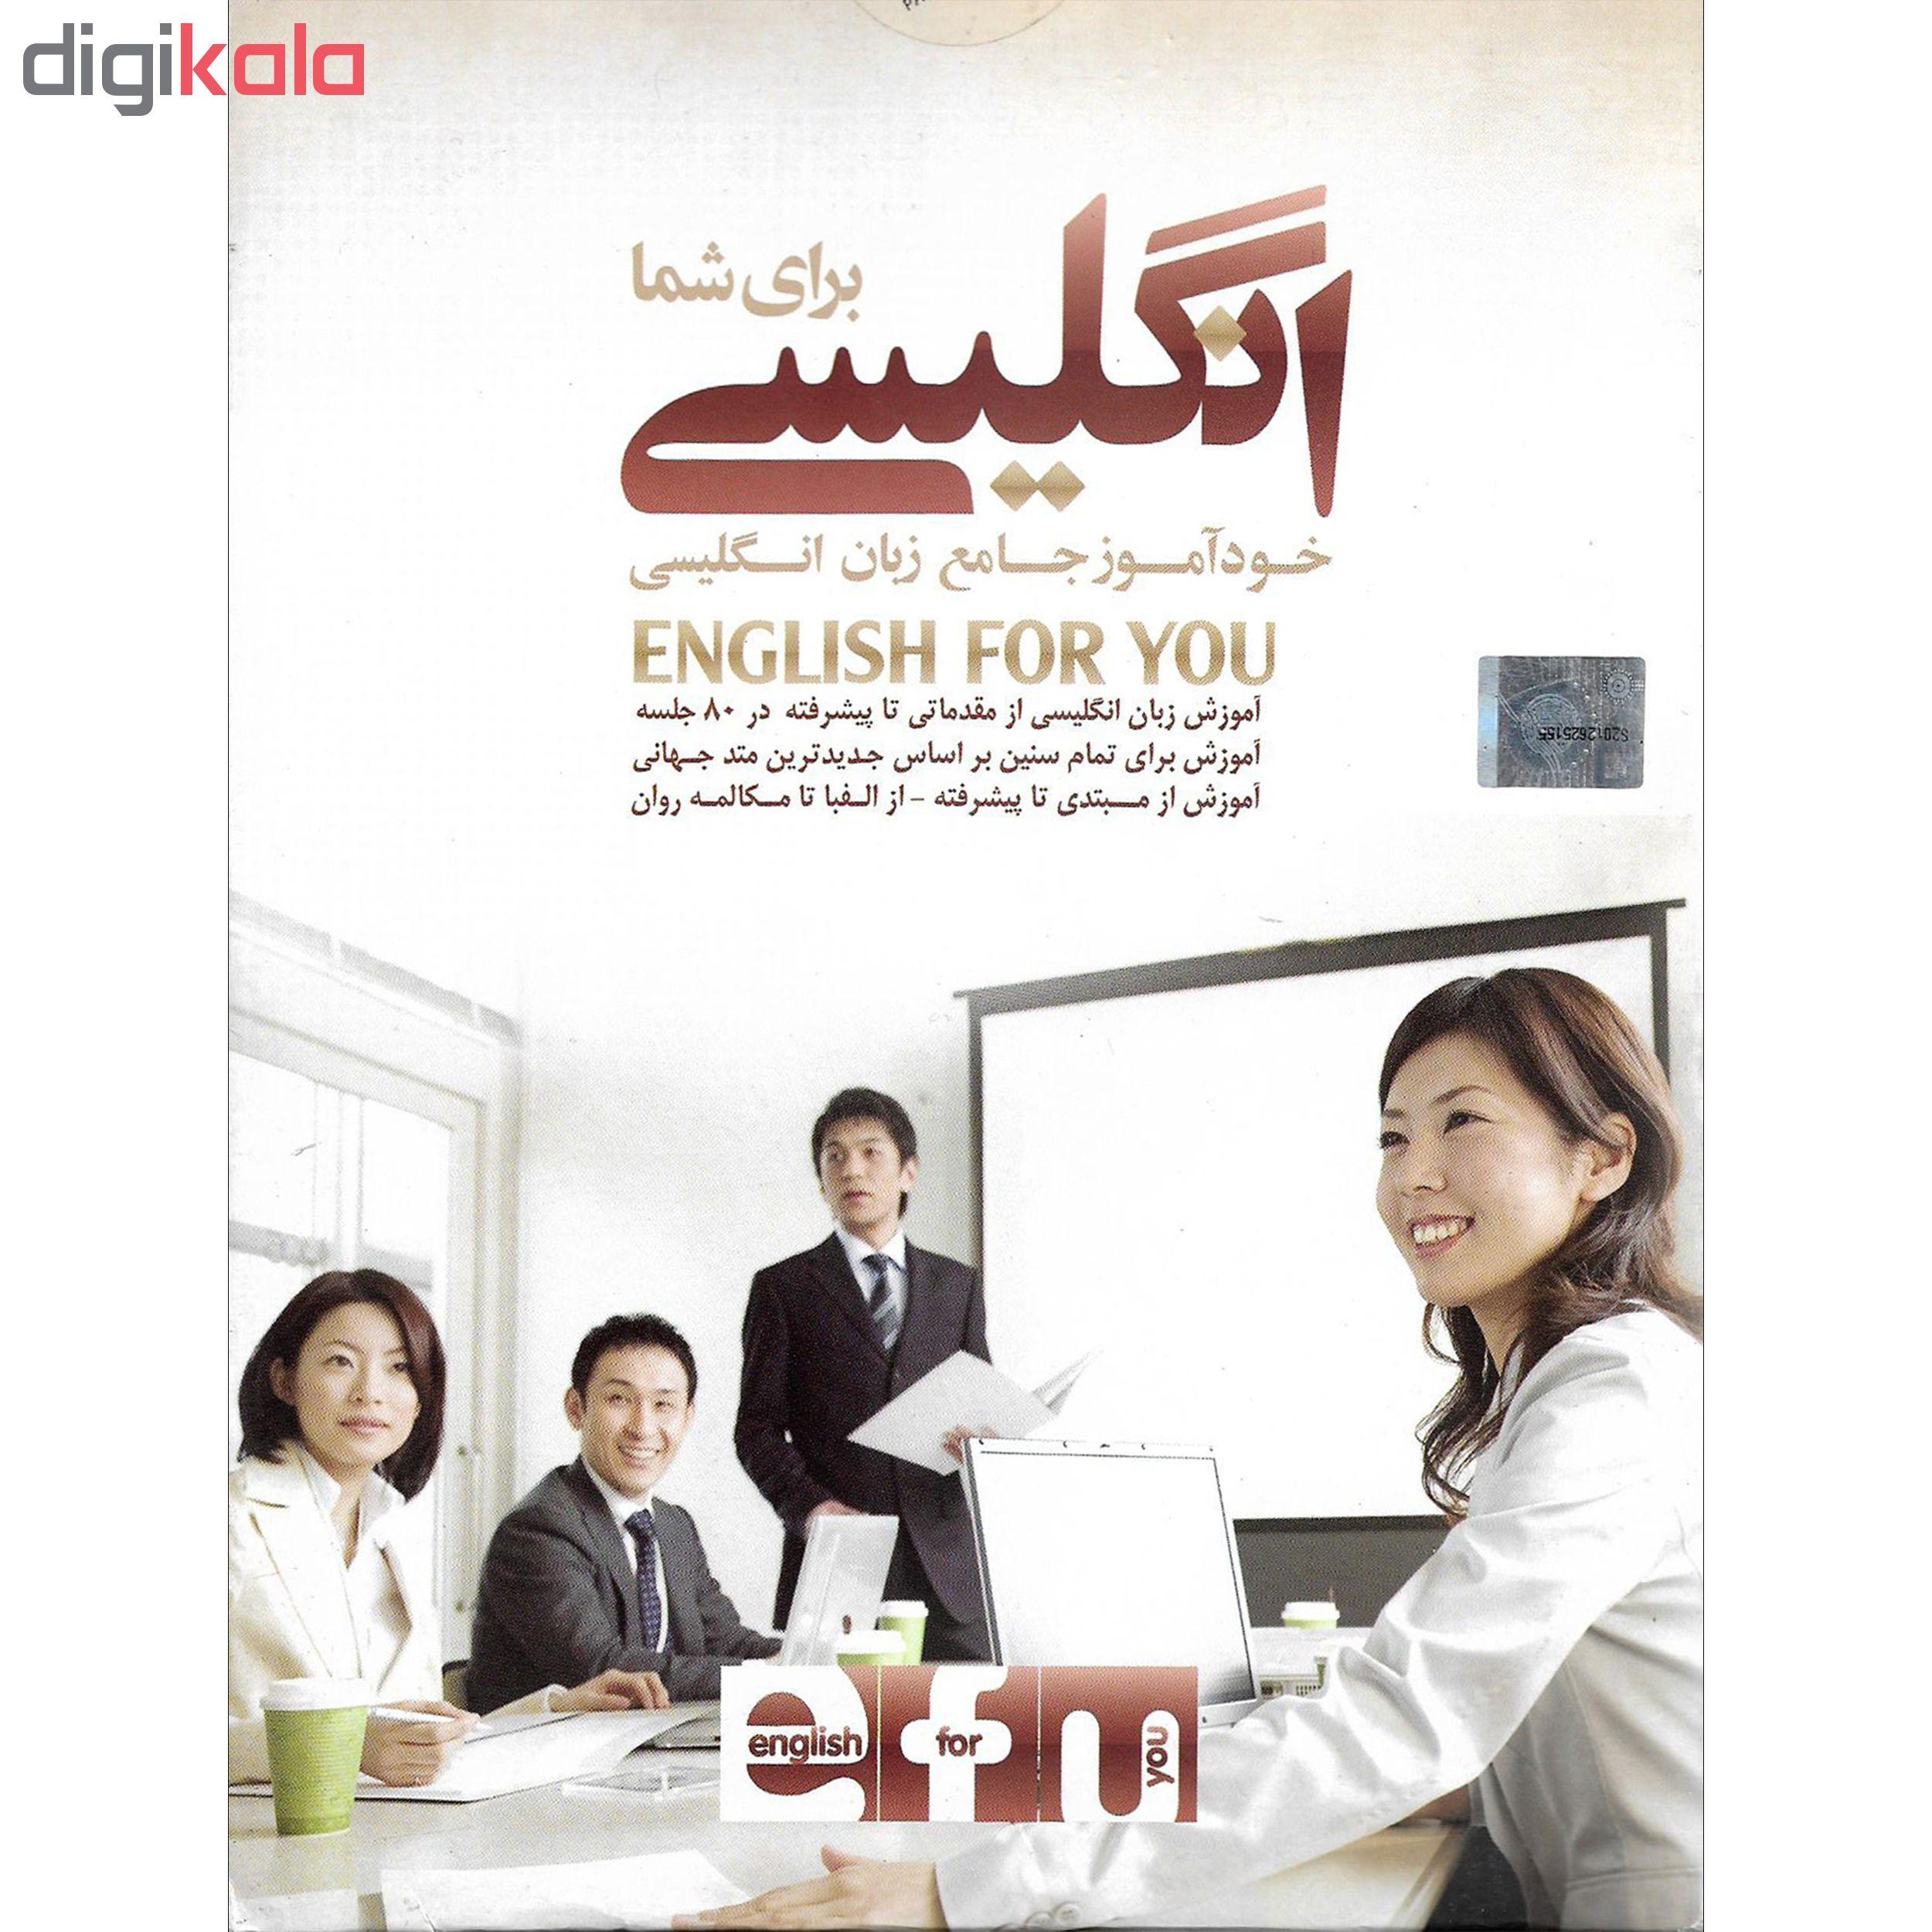 خودآموز جامع زبان انگلیسی ENGLISH FOR YOU نشر پیام داده نیلوفر آبی